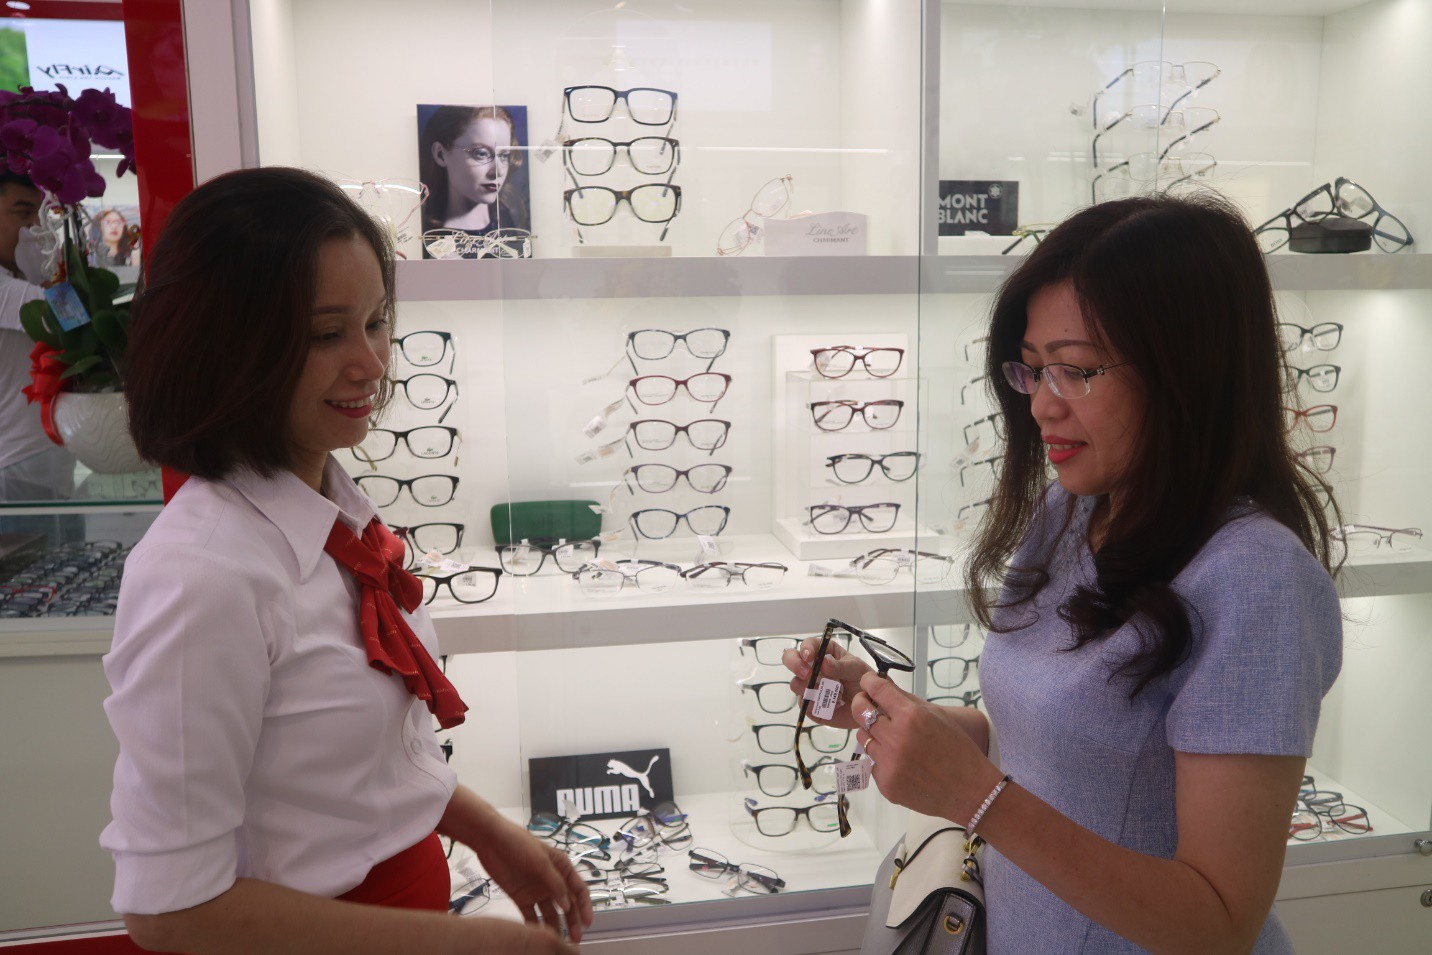 Mắt kính Salenoptic khai trương cửa hàng 65 Nguyễn Văn Thương - Ảnh 2.